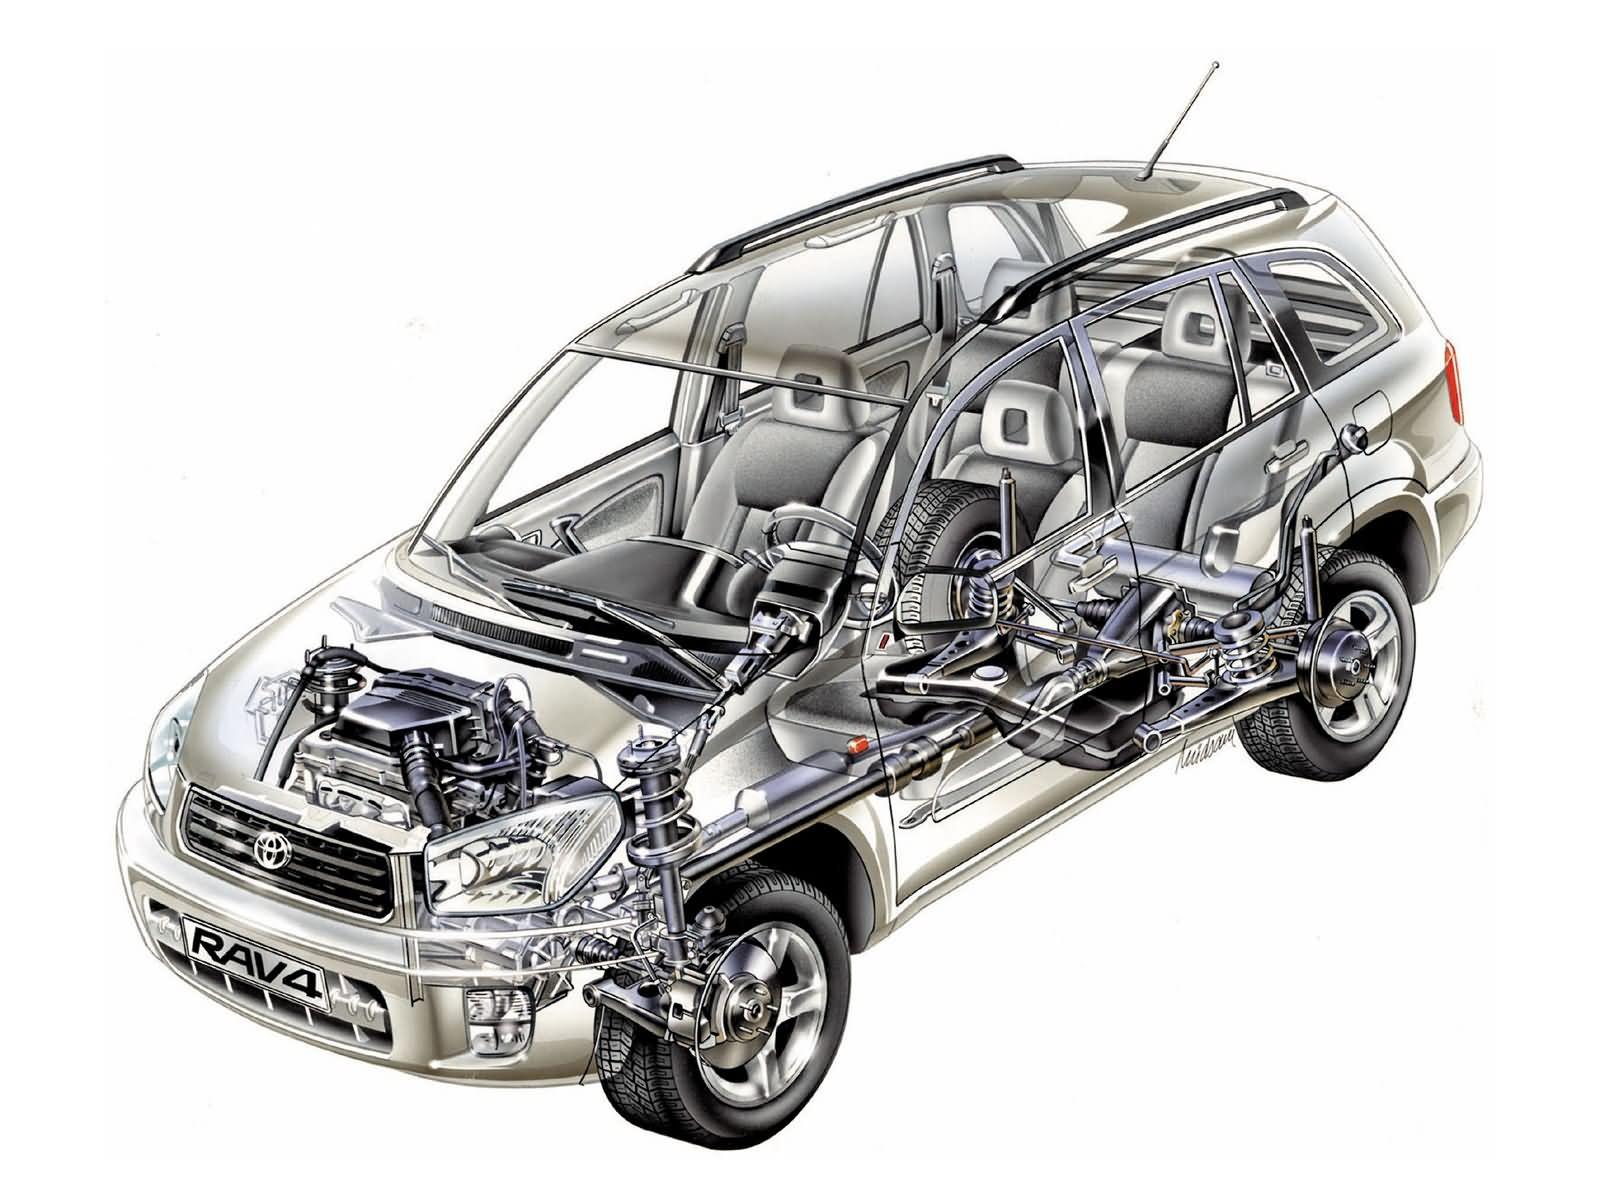 Car Auto Body Parts: The Largest Auto Parts Marketplace